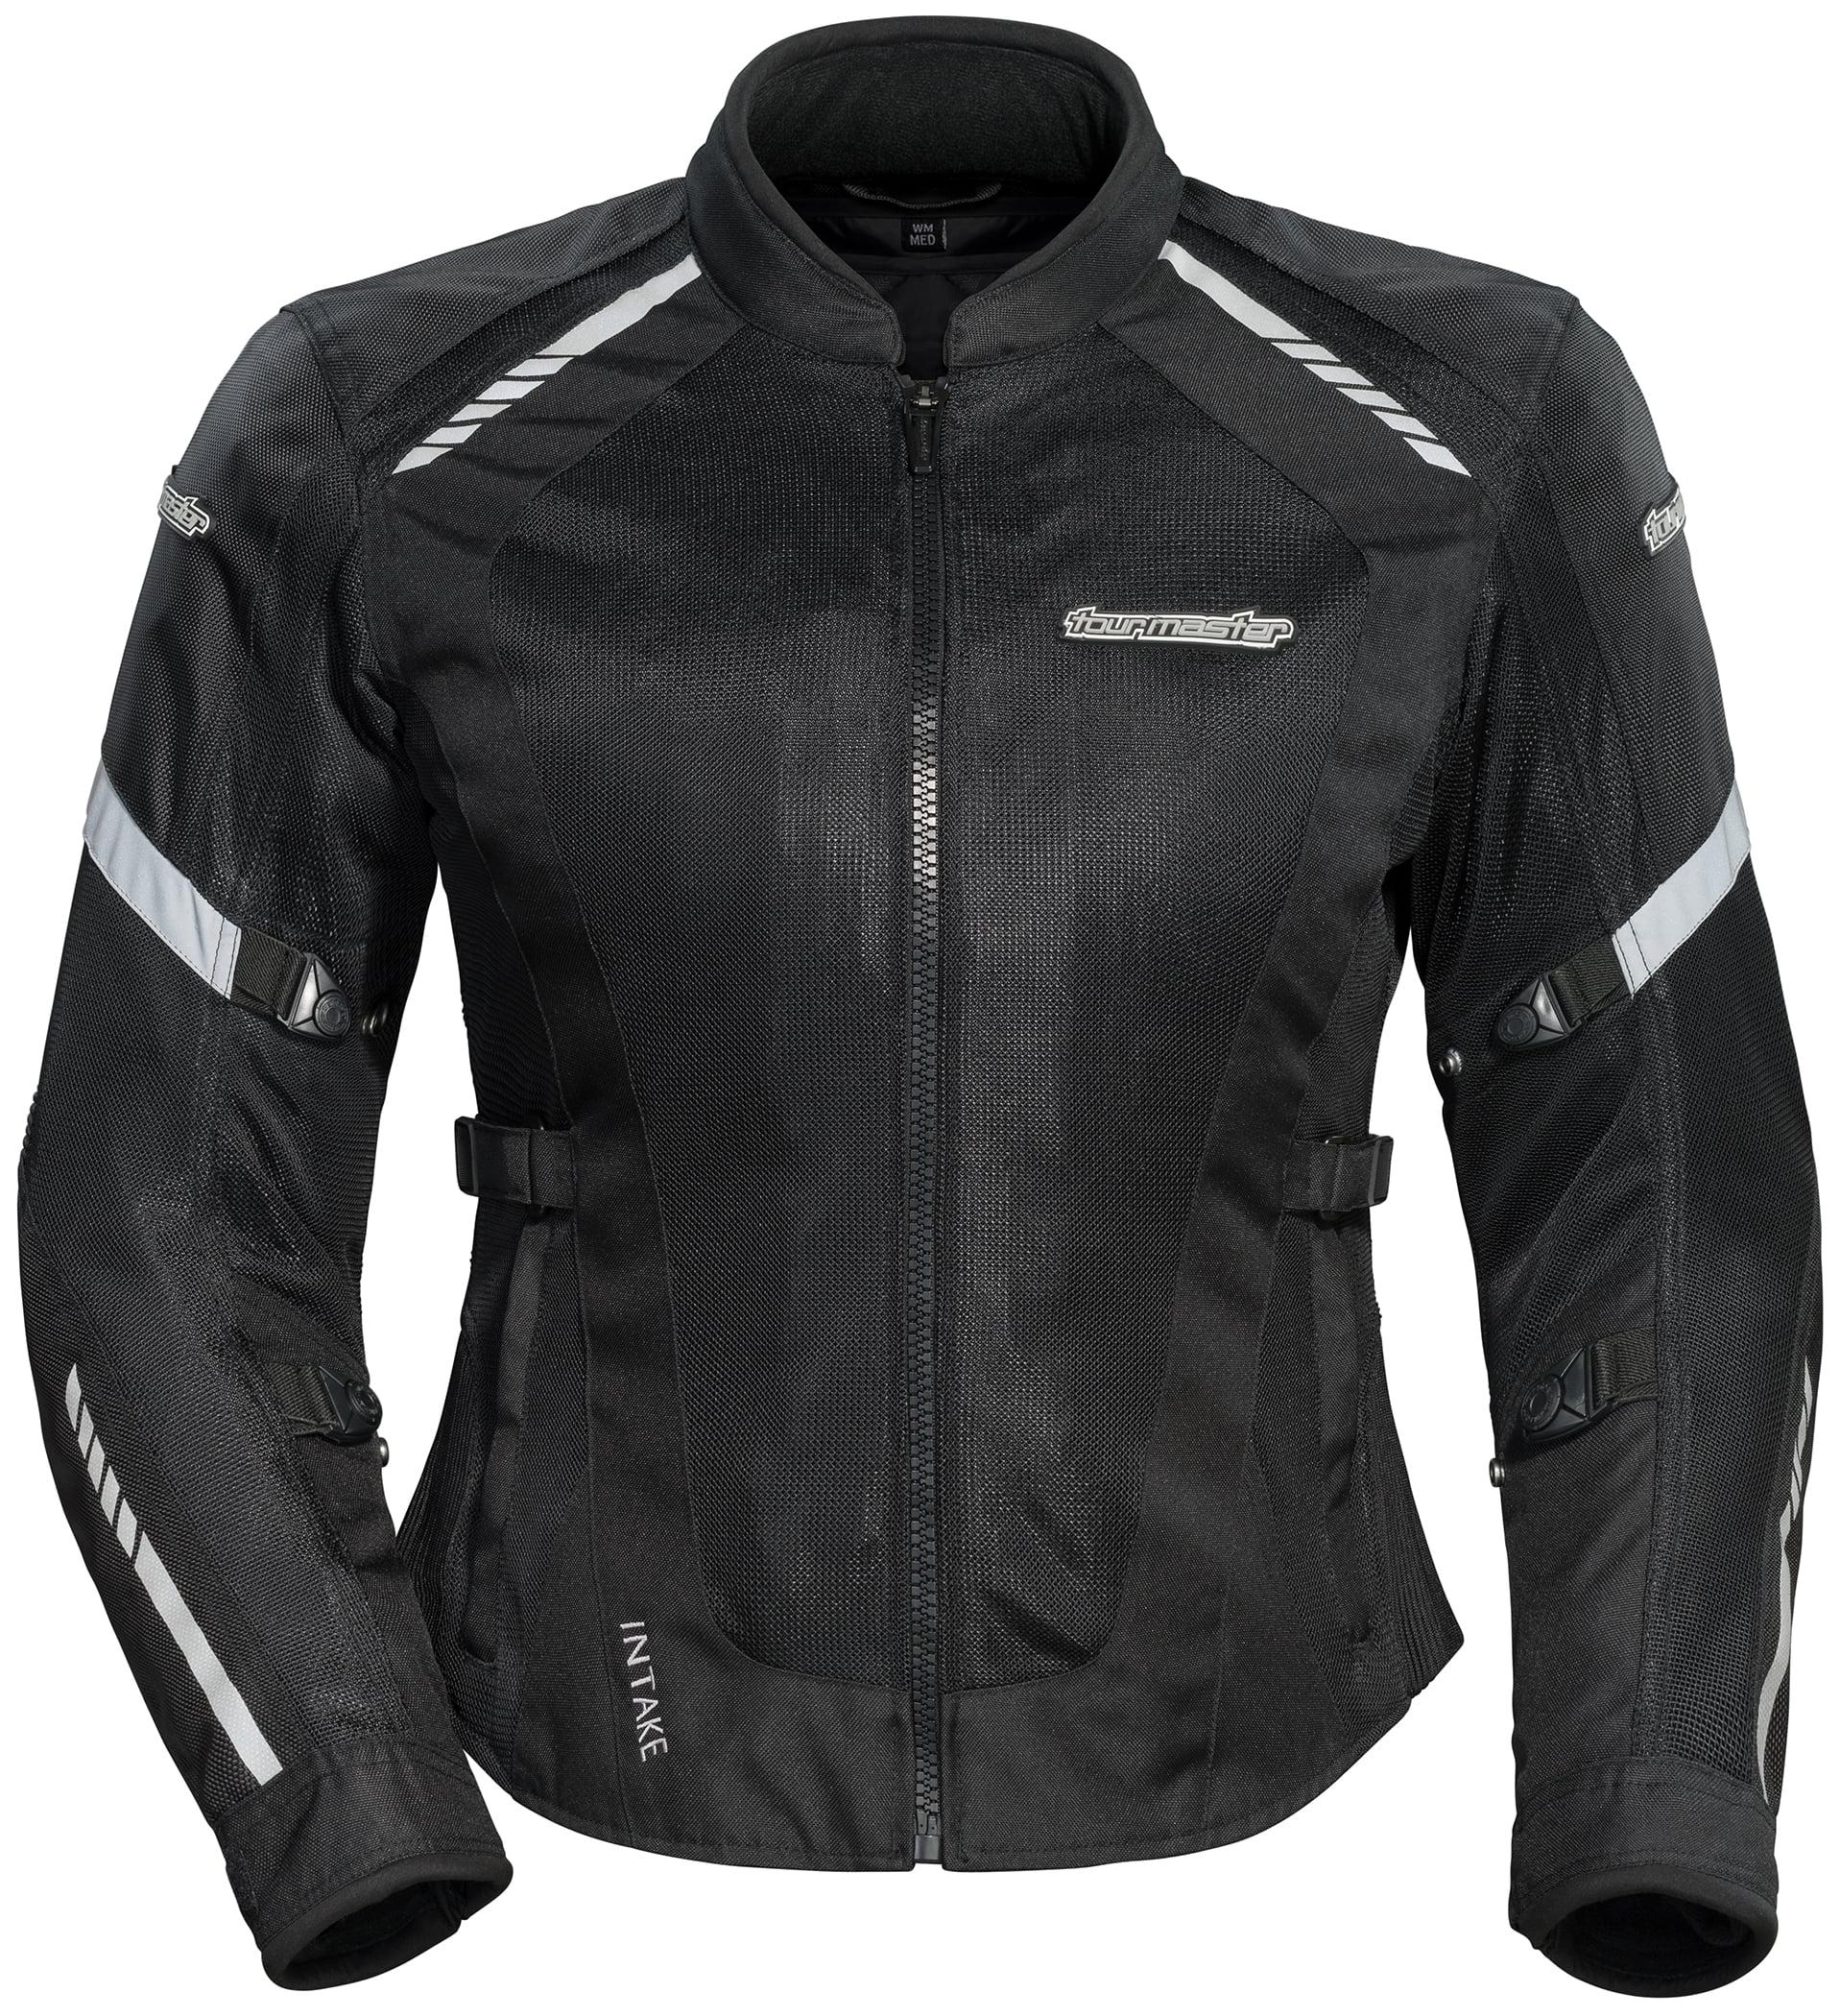 Tourmaster Intake Air 5.0 Mens Textile Jacket Black